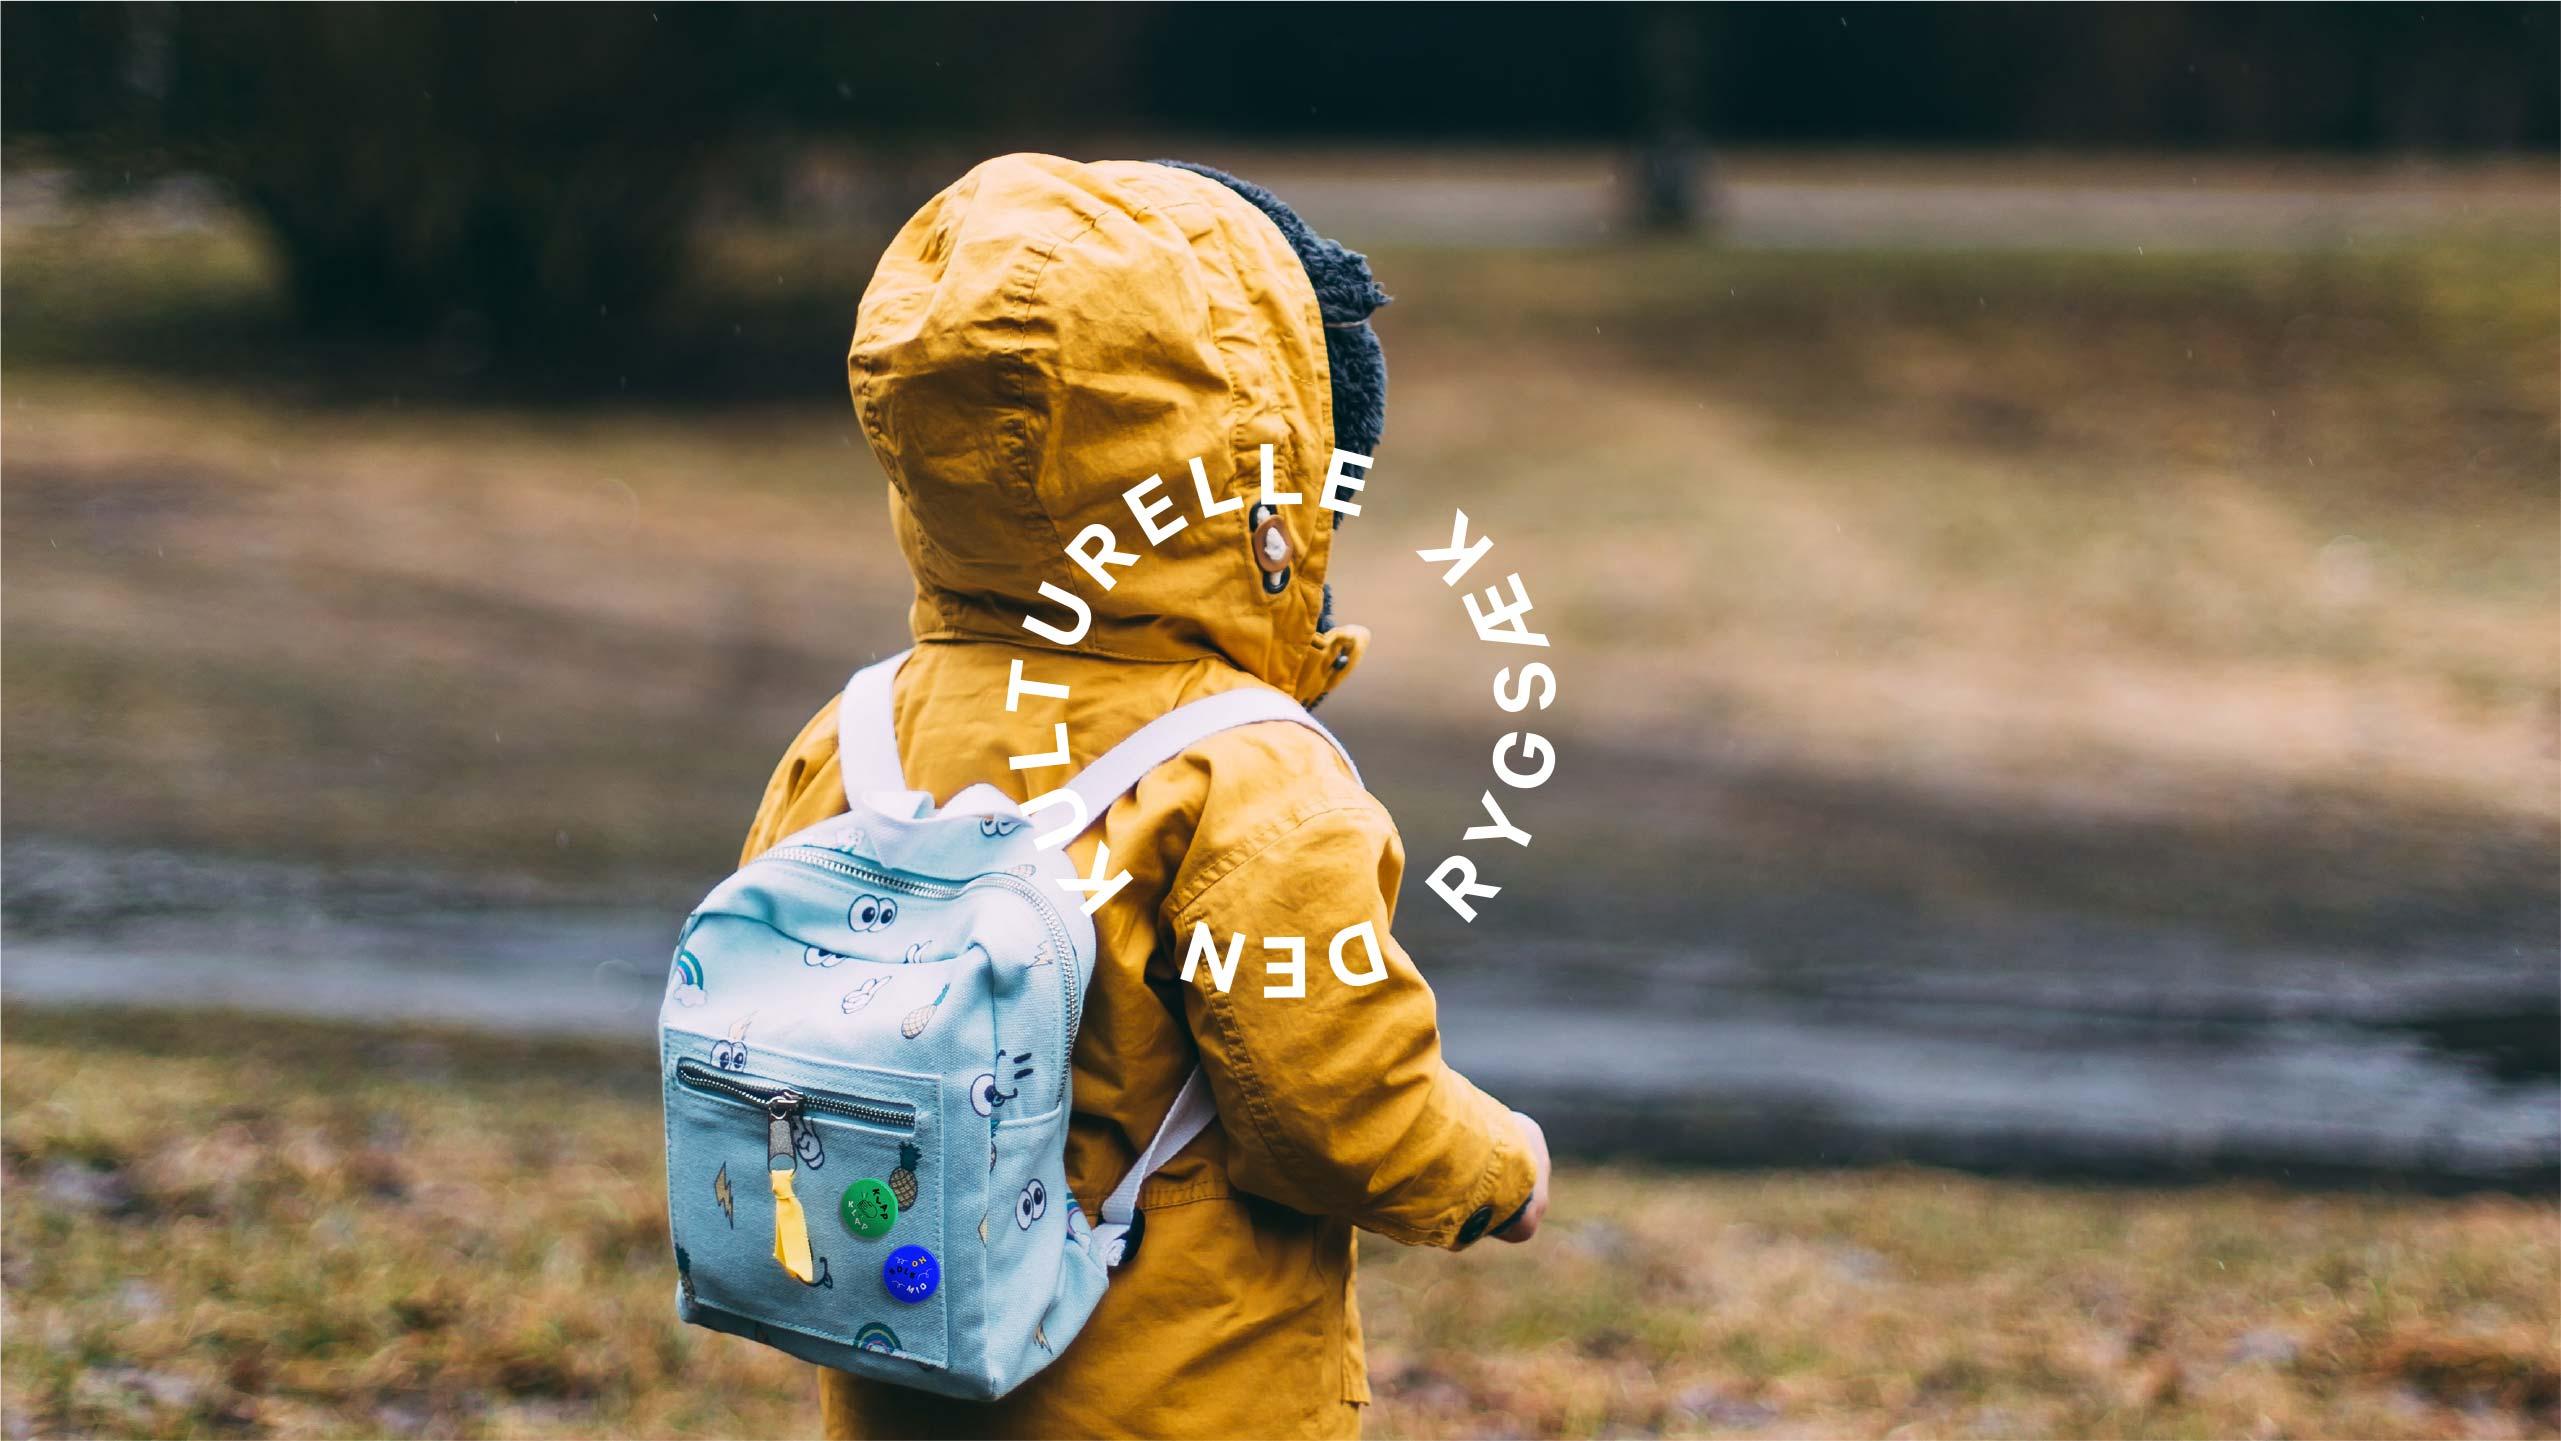 Bagpack-Top-Hero-image